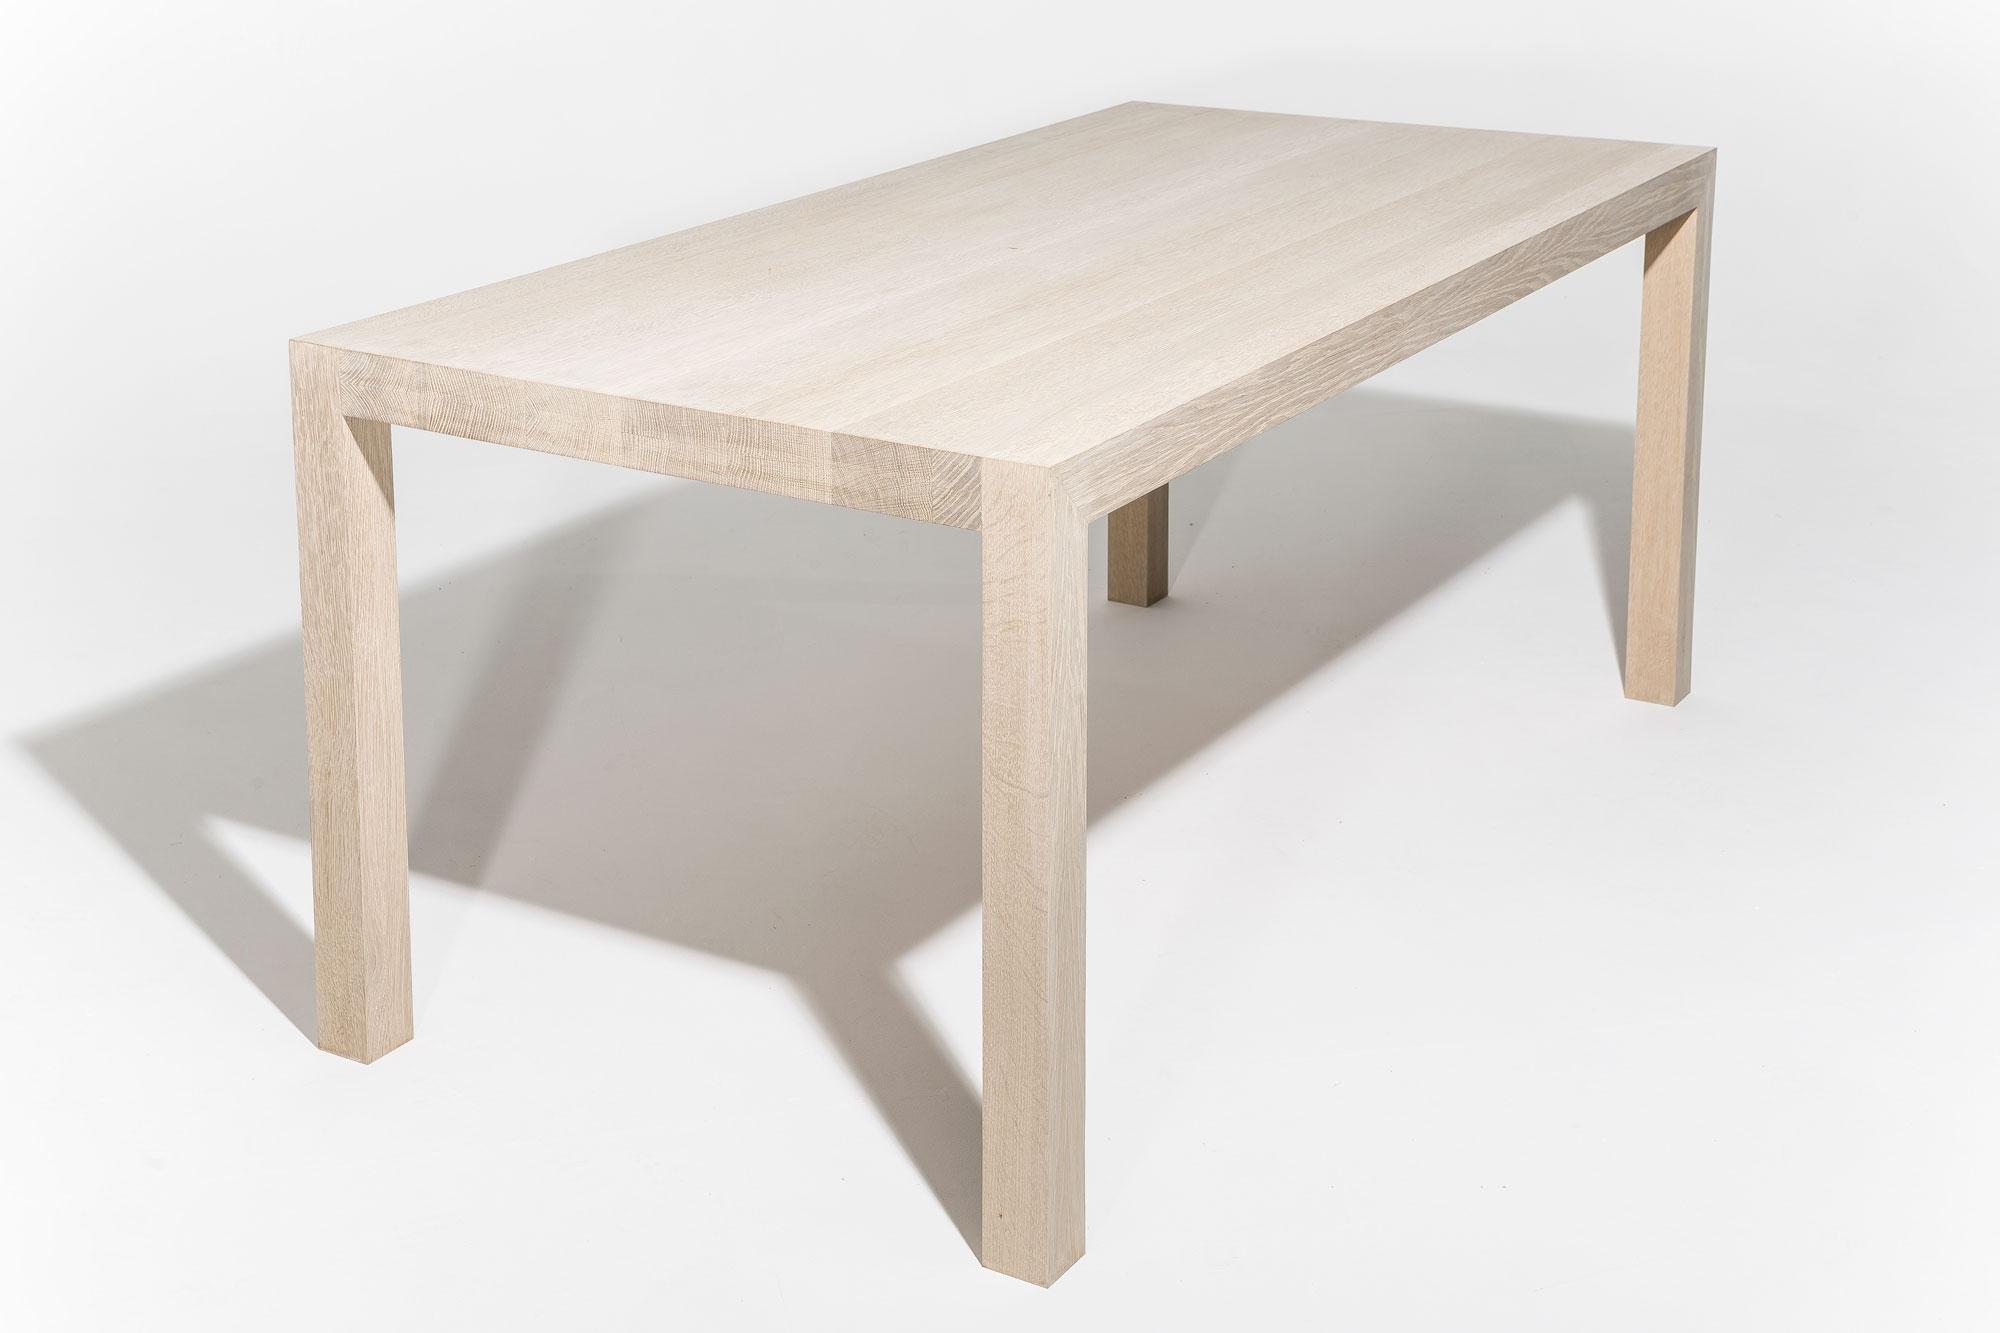 Massief Houten Meubels : Meubelmakerij casper rutges massief houten meubels op maat